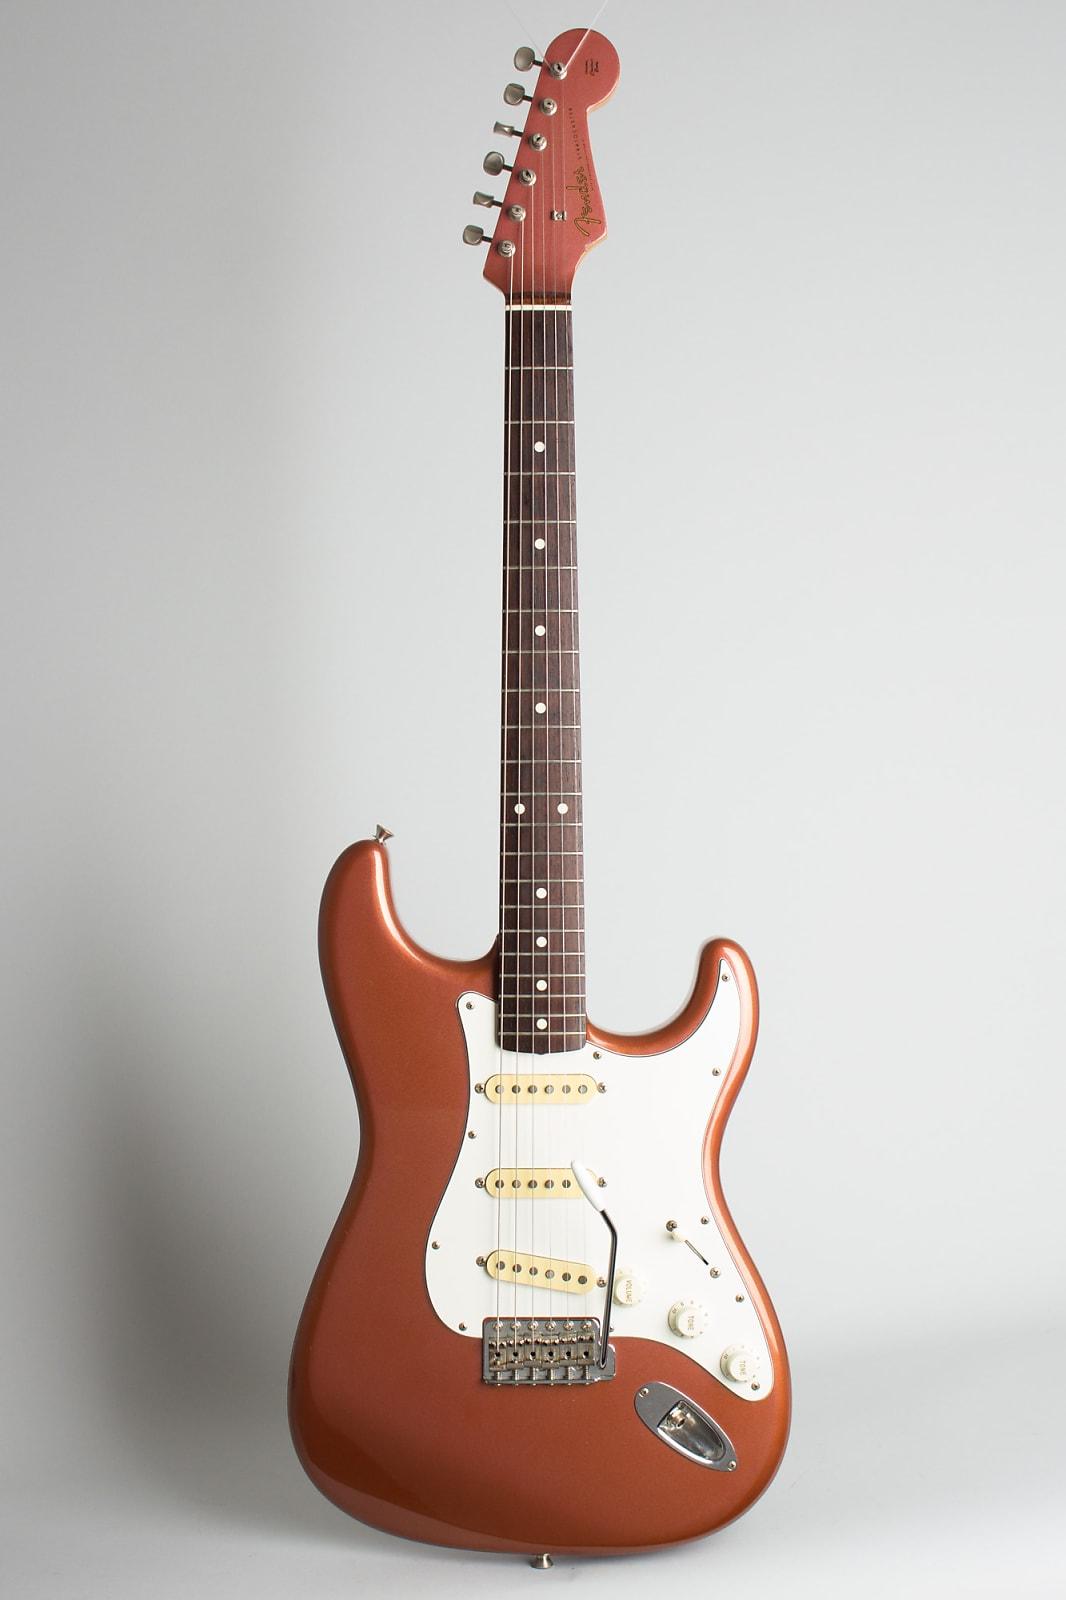 Fender  Stratocaster Solid Body Electric Guitar (1989), ser. #J037518, black gig bag case.